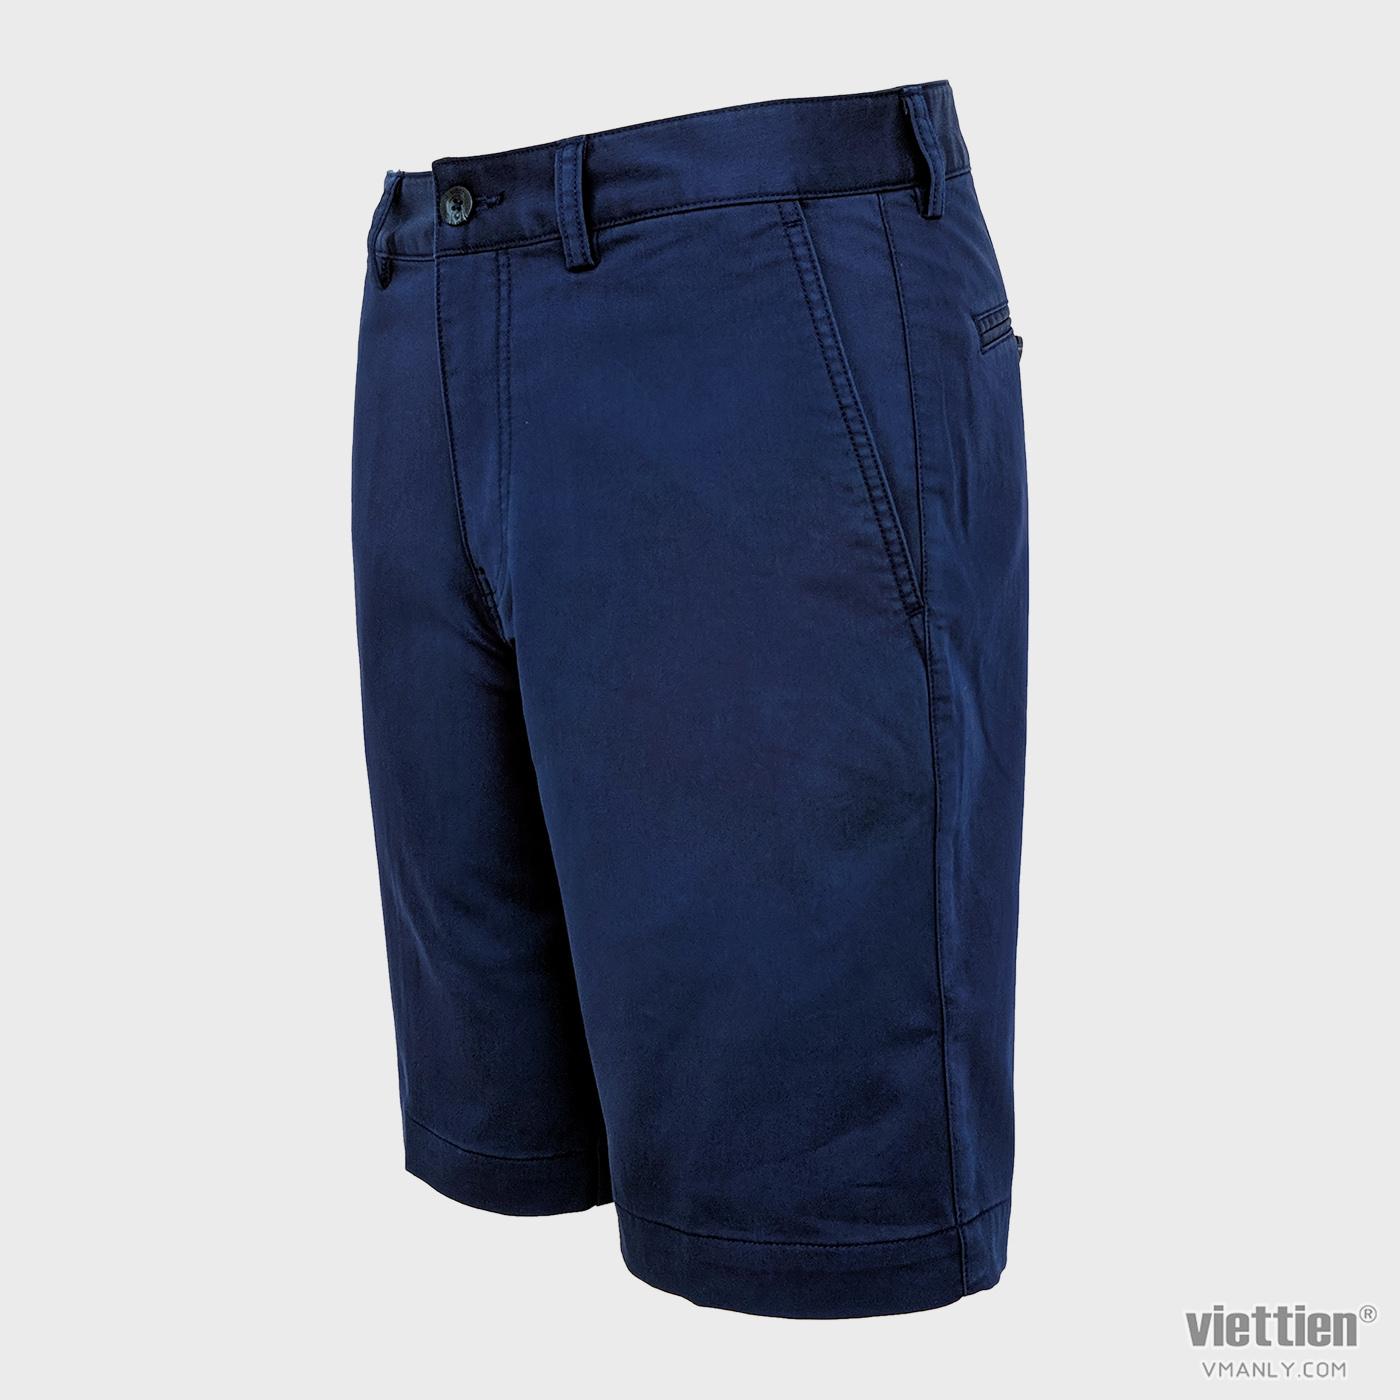 Quần short kaki nam Việt Tiến màu xanh blue 6N8035BT4/QSK